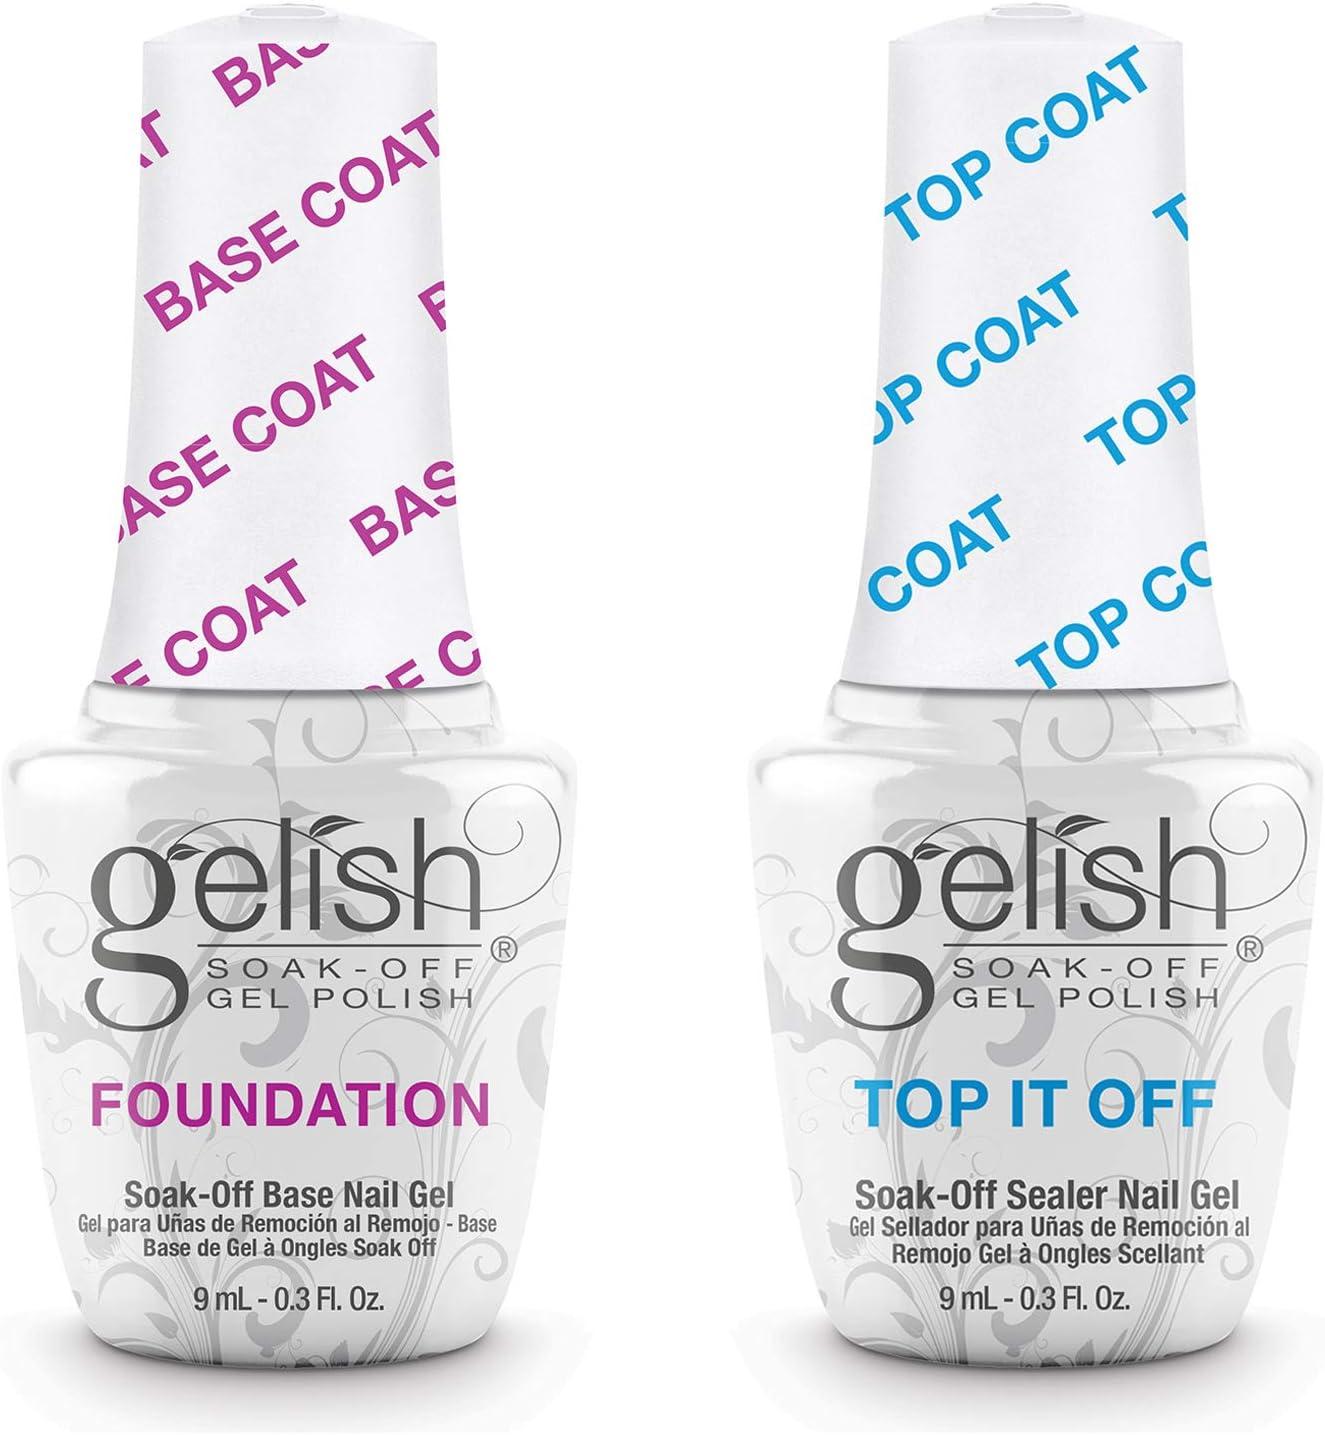 Gelish Top + Base Foundation Gel Soak off Gel Polish 15ml 0.5oz each: Amazon.es: Electrónica